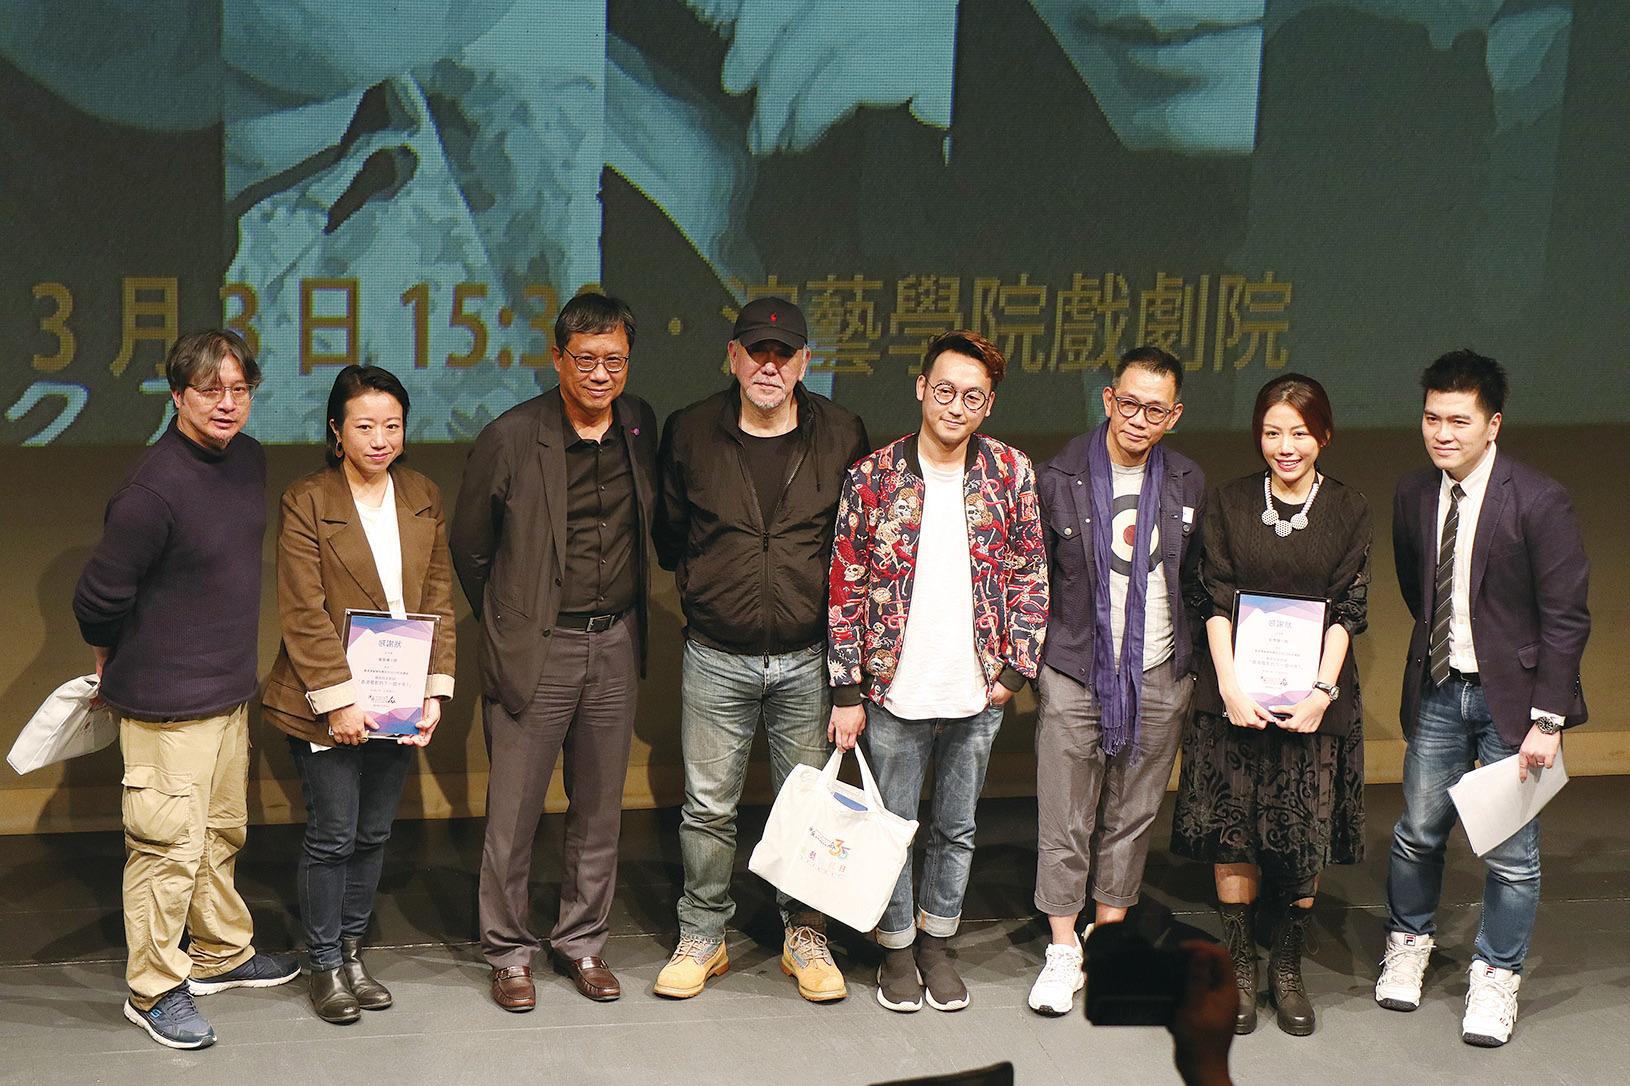 黃秋生(左四)、彭秀慧(右二)等七位演藝學院舊生,昨(3)日出席演藝學院研討會,探討香港下一個十年的前景。(江夏/大紀元)